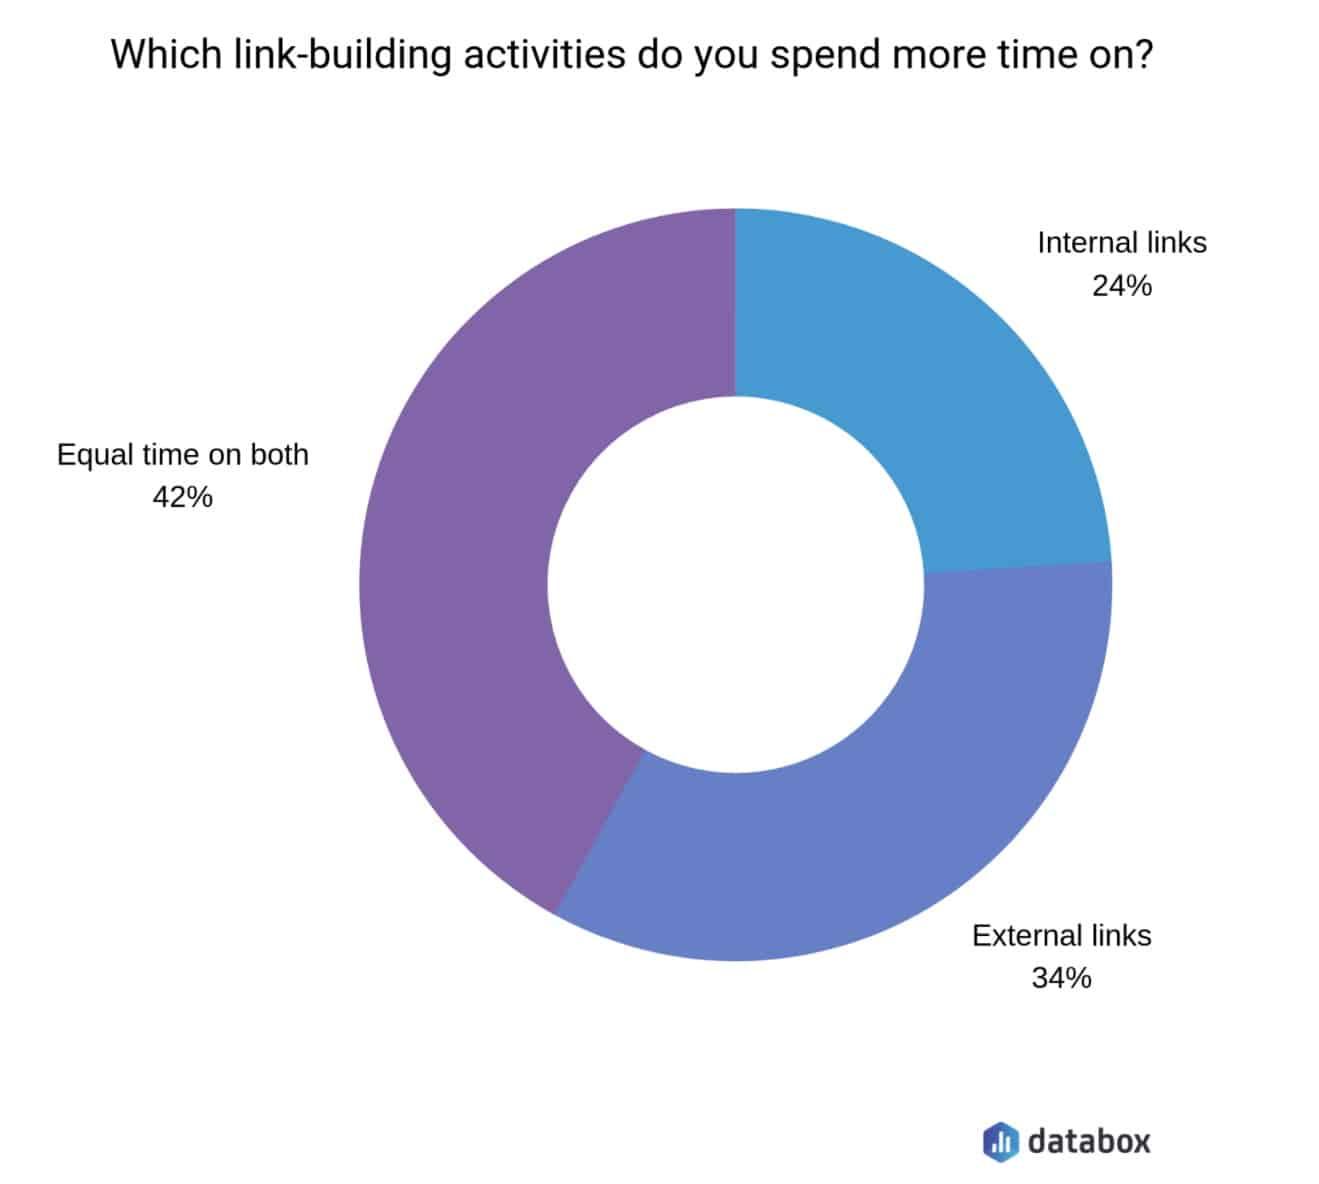 popular link building activities